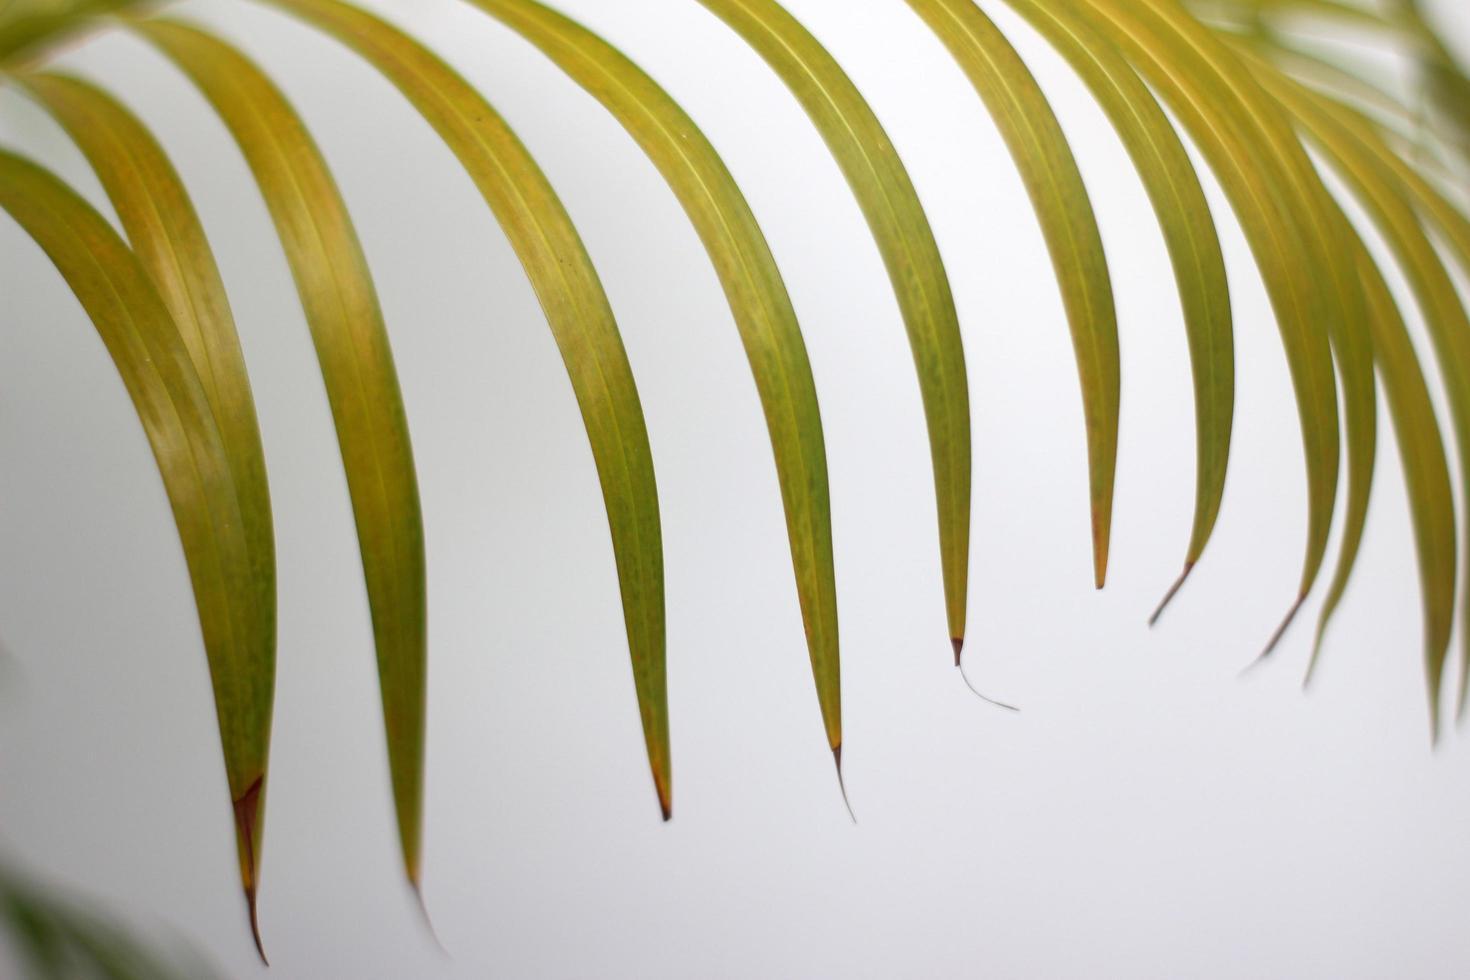 Palmgrünes Blatt und Schatten auf einem weißen Hintergrund der Betonwand foto